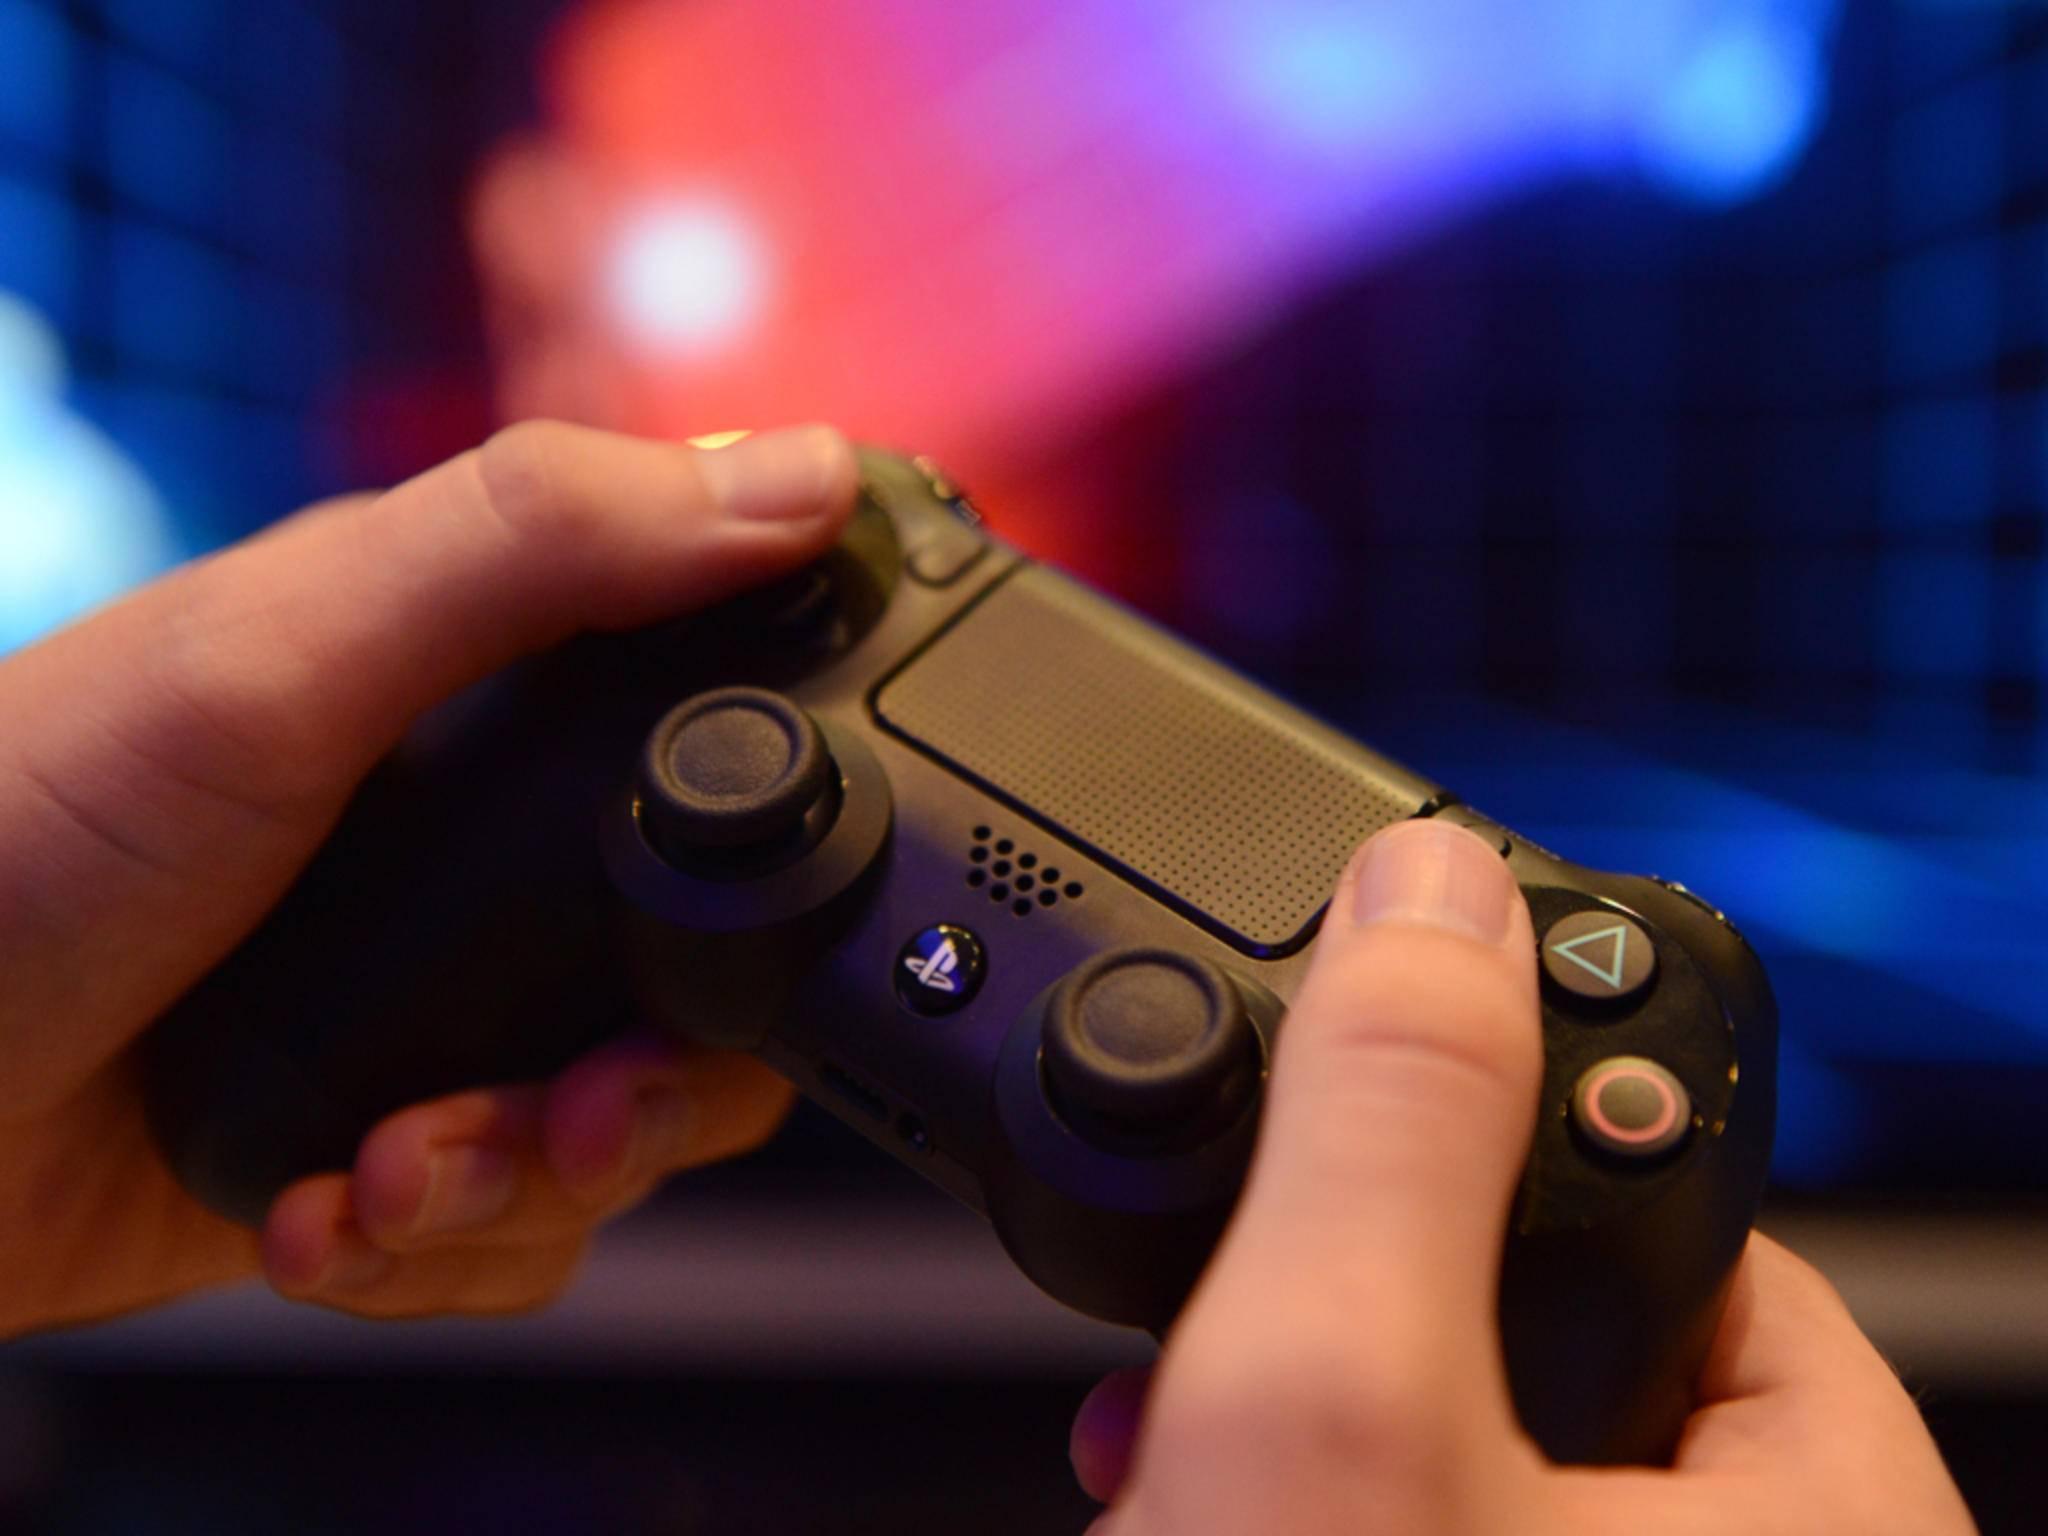 Sony senkt den Preis der PS4 in Deutschland und bekommt eine richtige Twitch-App.